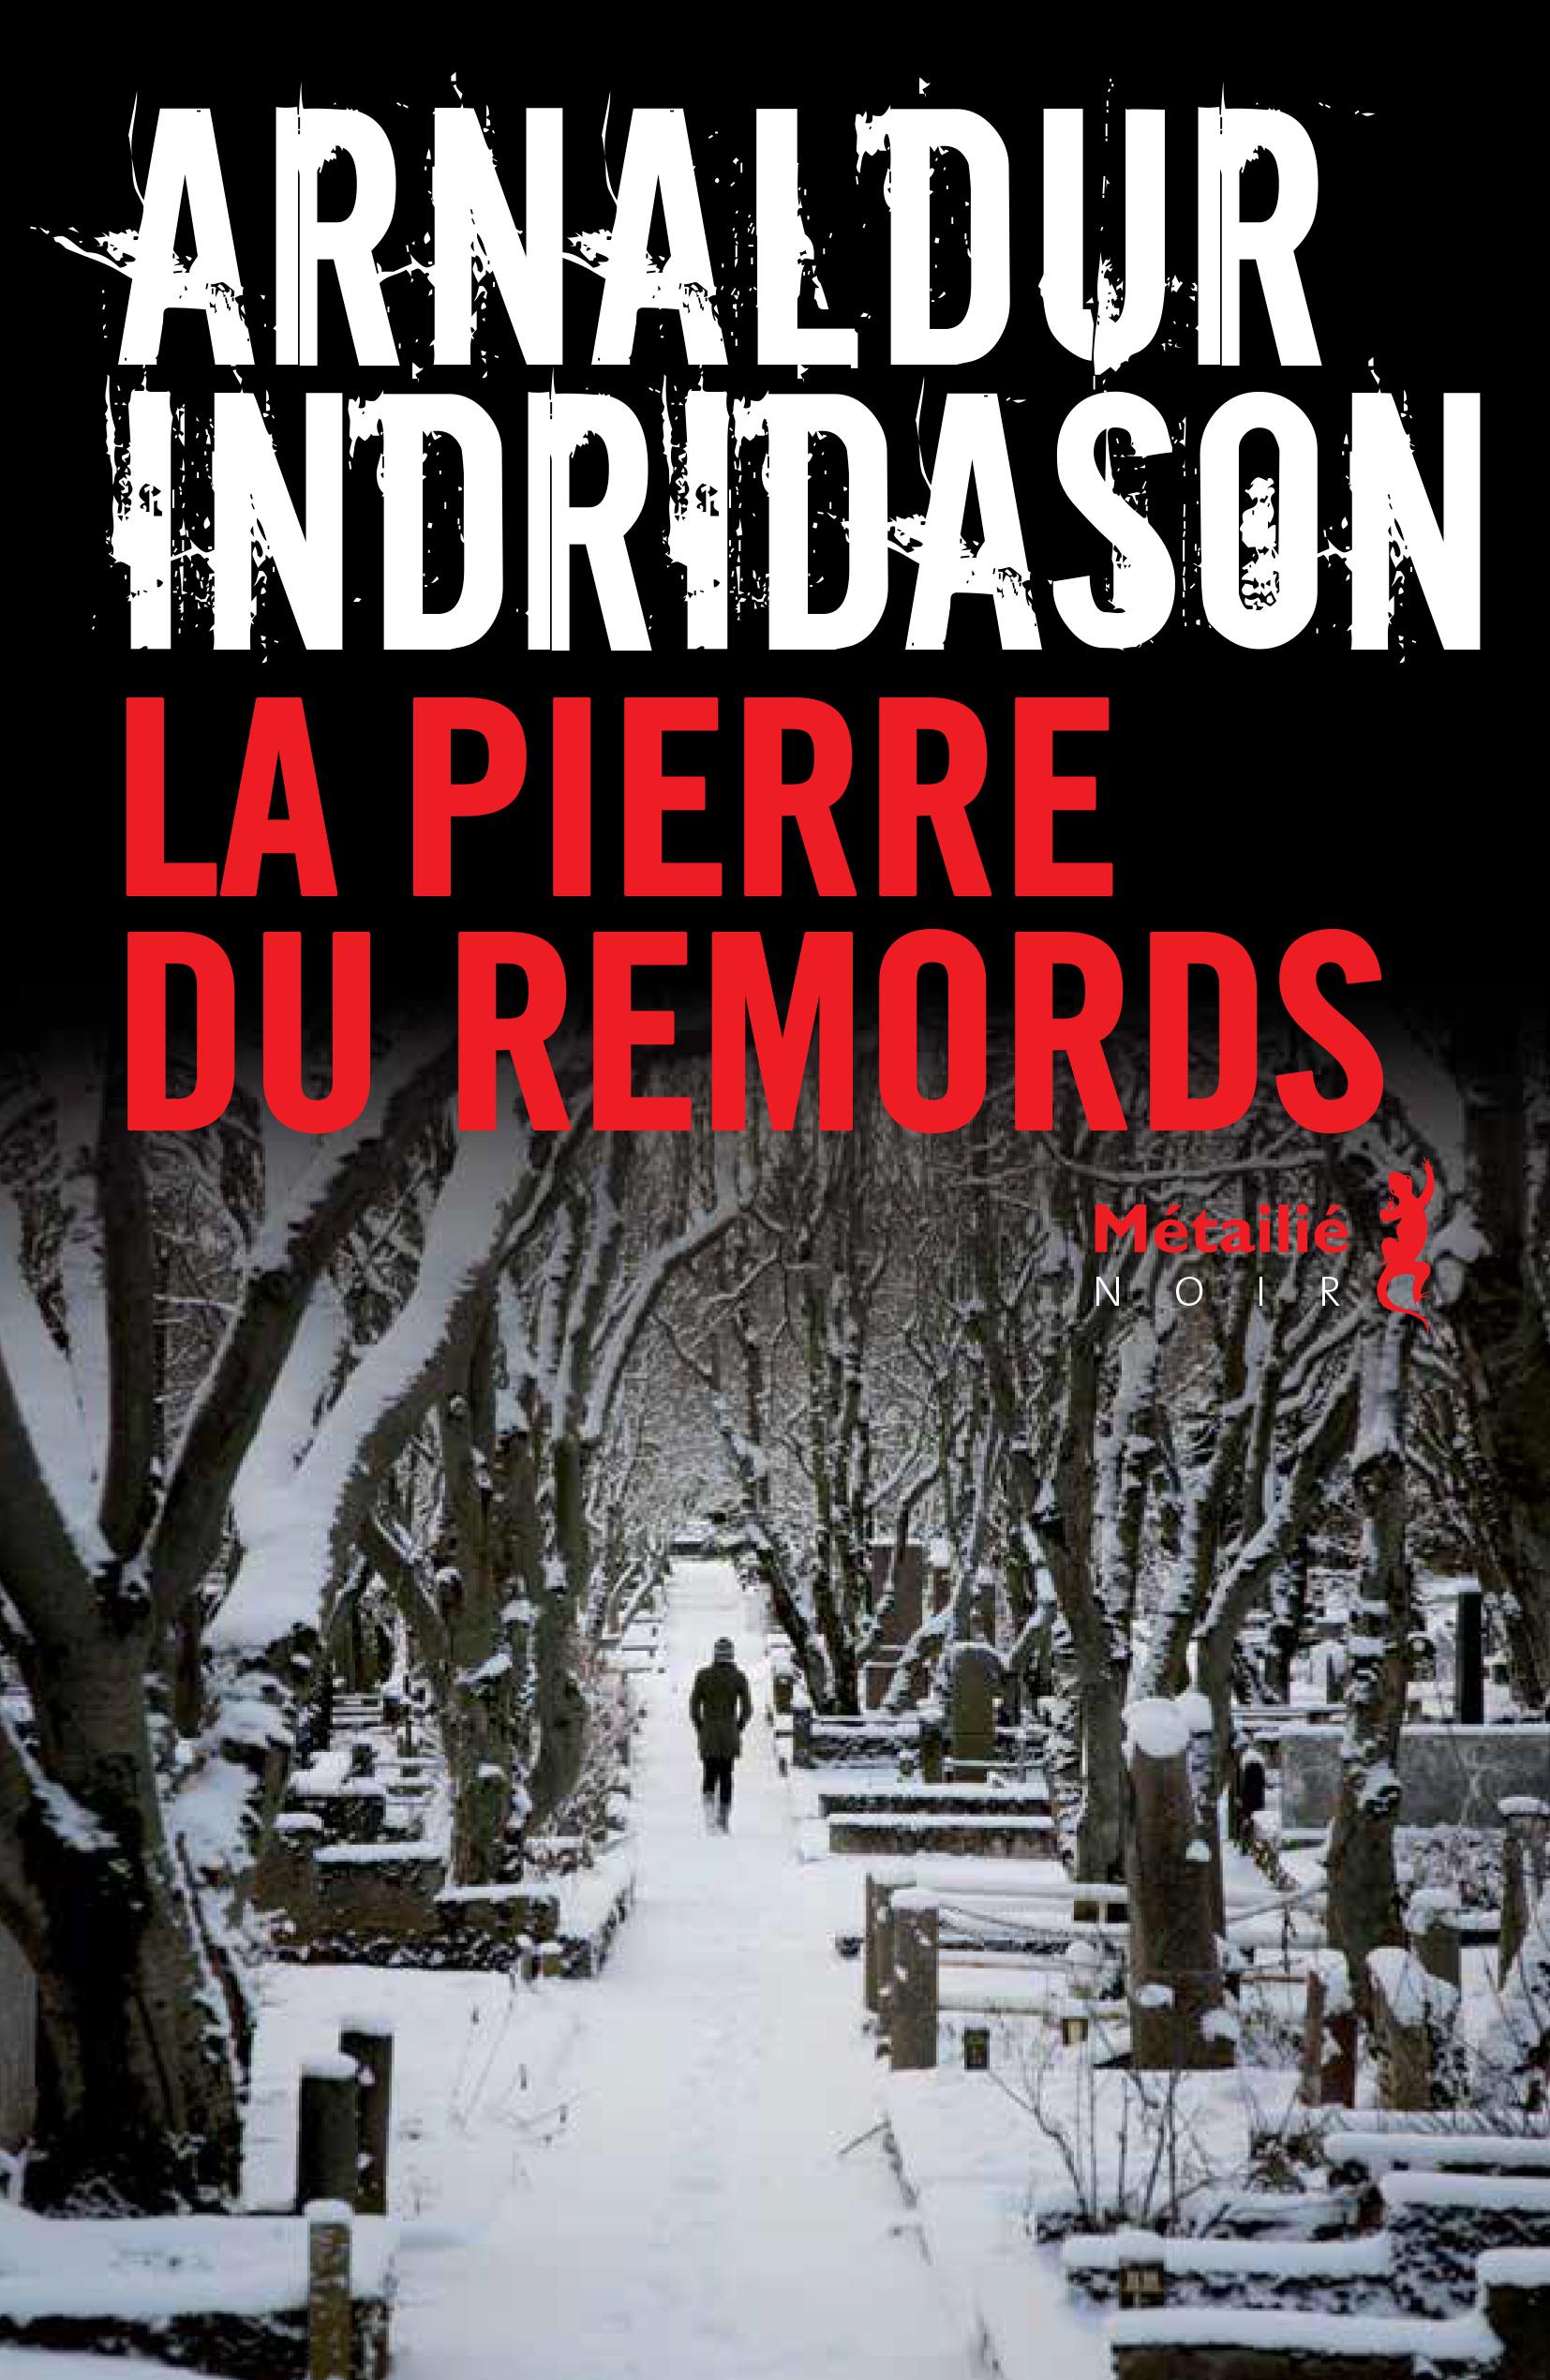 La Pierre du remords - Editions Métailié